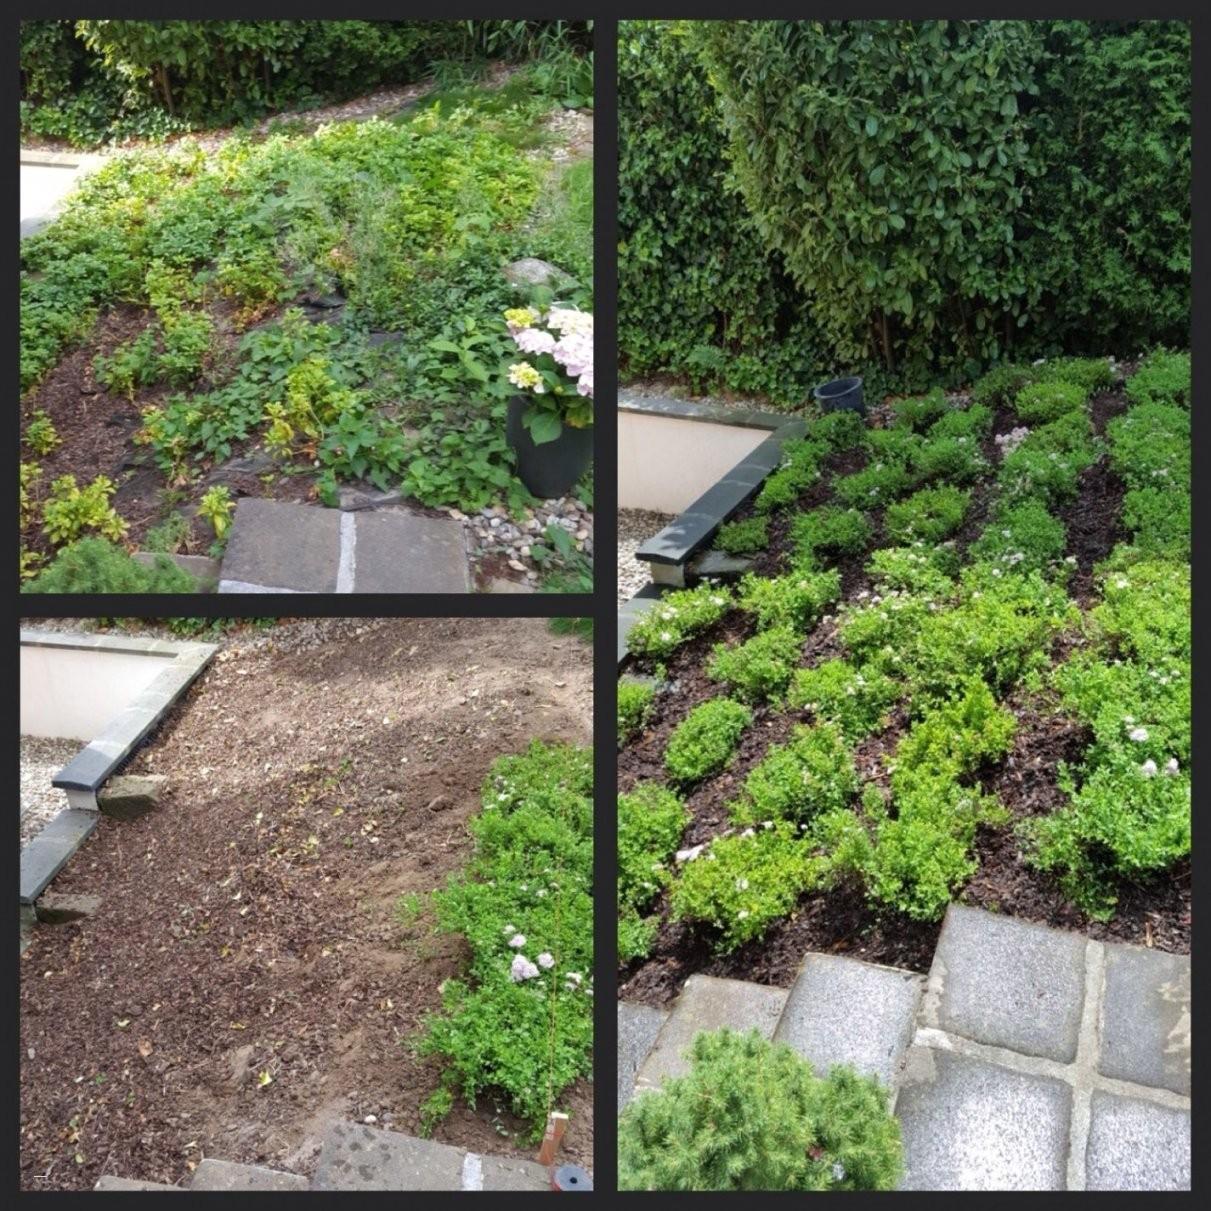 Luxus Zierkies Garten Bilder Greenoasisenvironmental Konzept Für von Steine Für Den Garten Bild